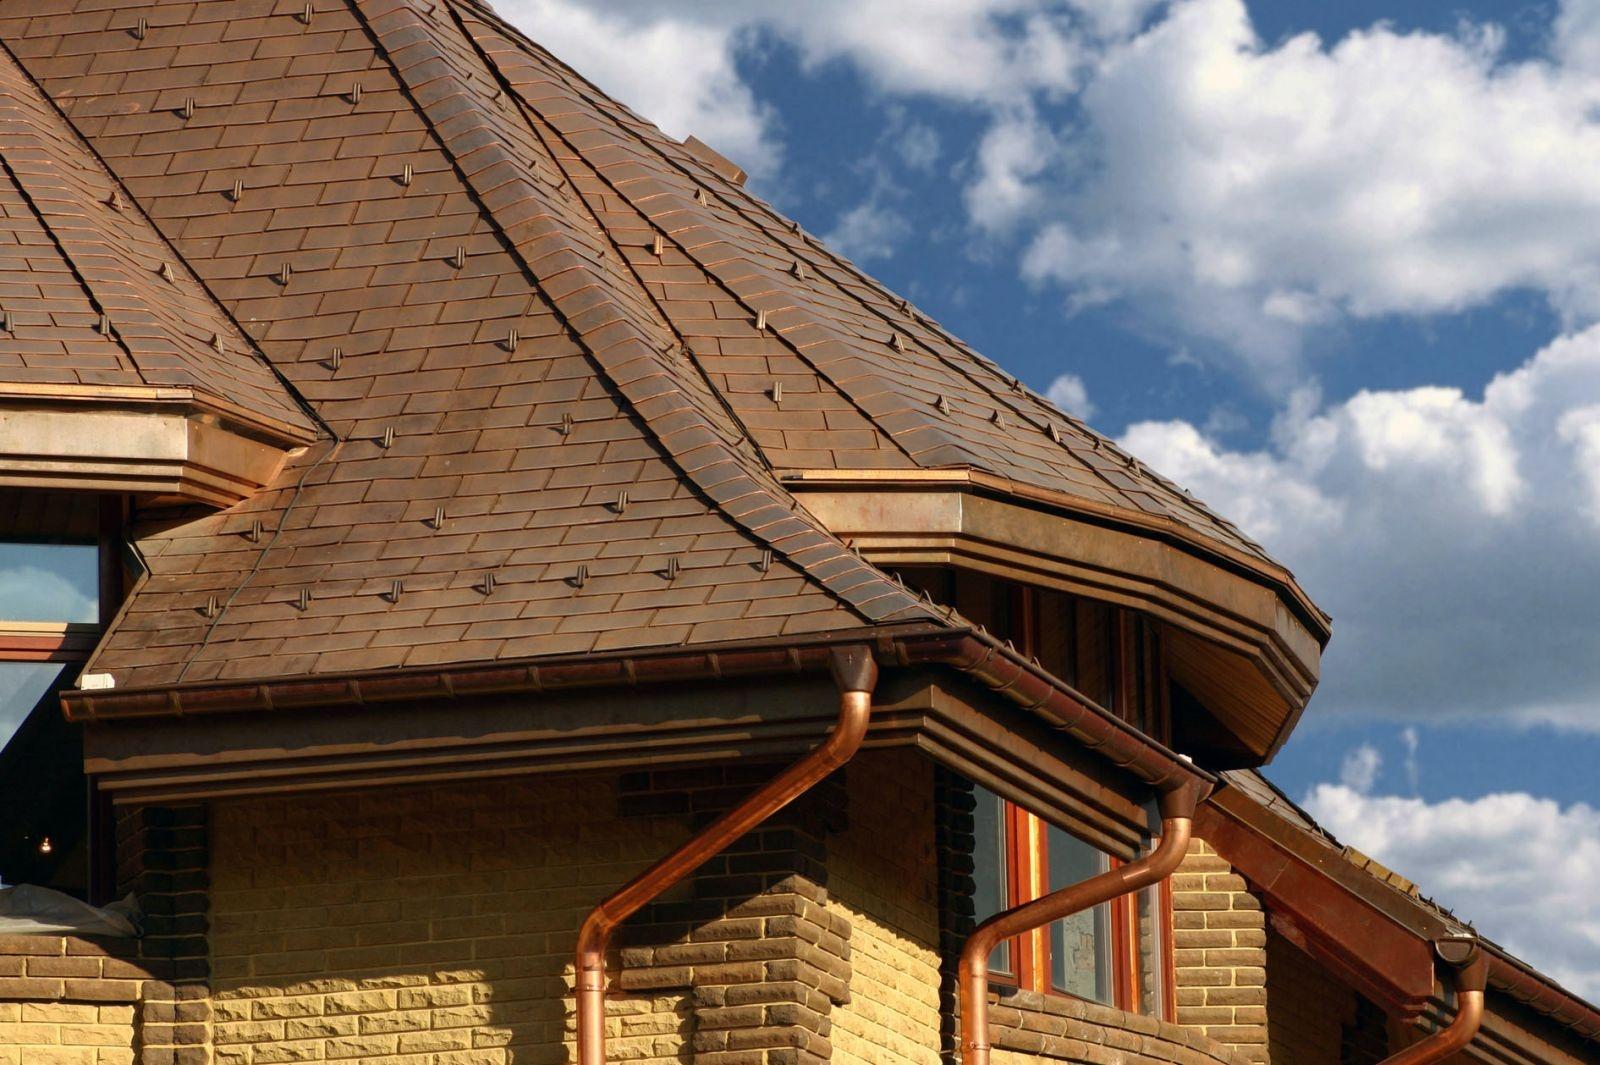 Софиты на вальмовой крыше